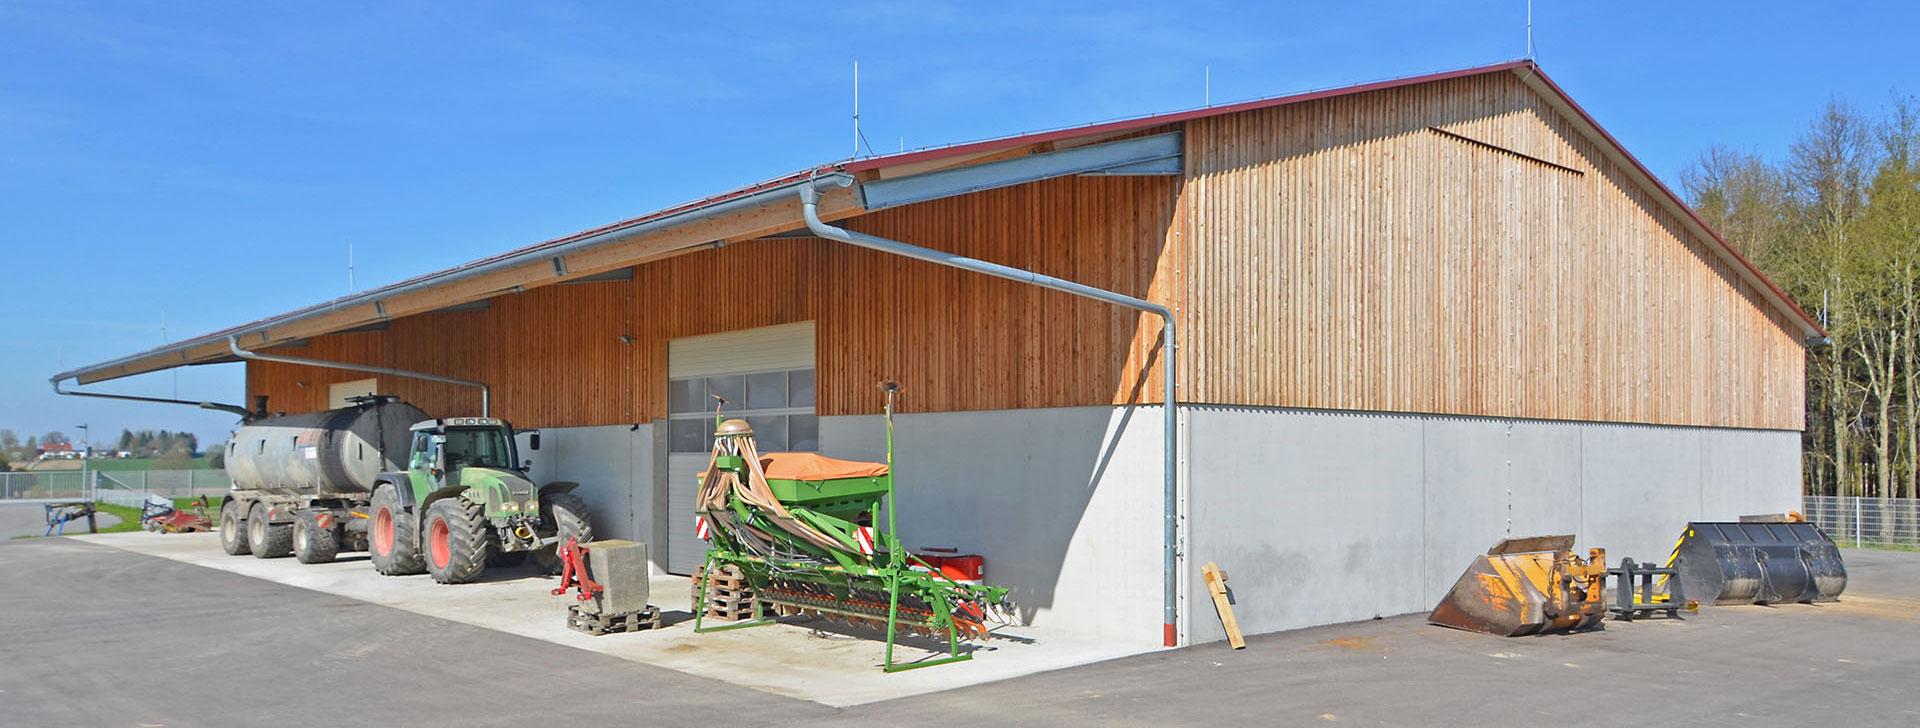 Top Maschinenhallen und Bergehallen aus Stahl und Holz - wolfsystem.de &NH_41